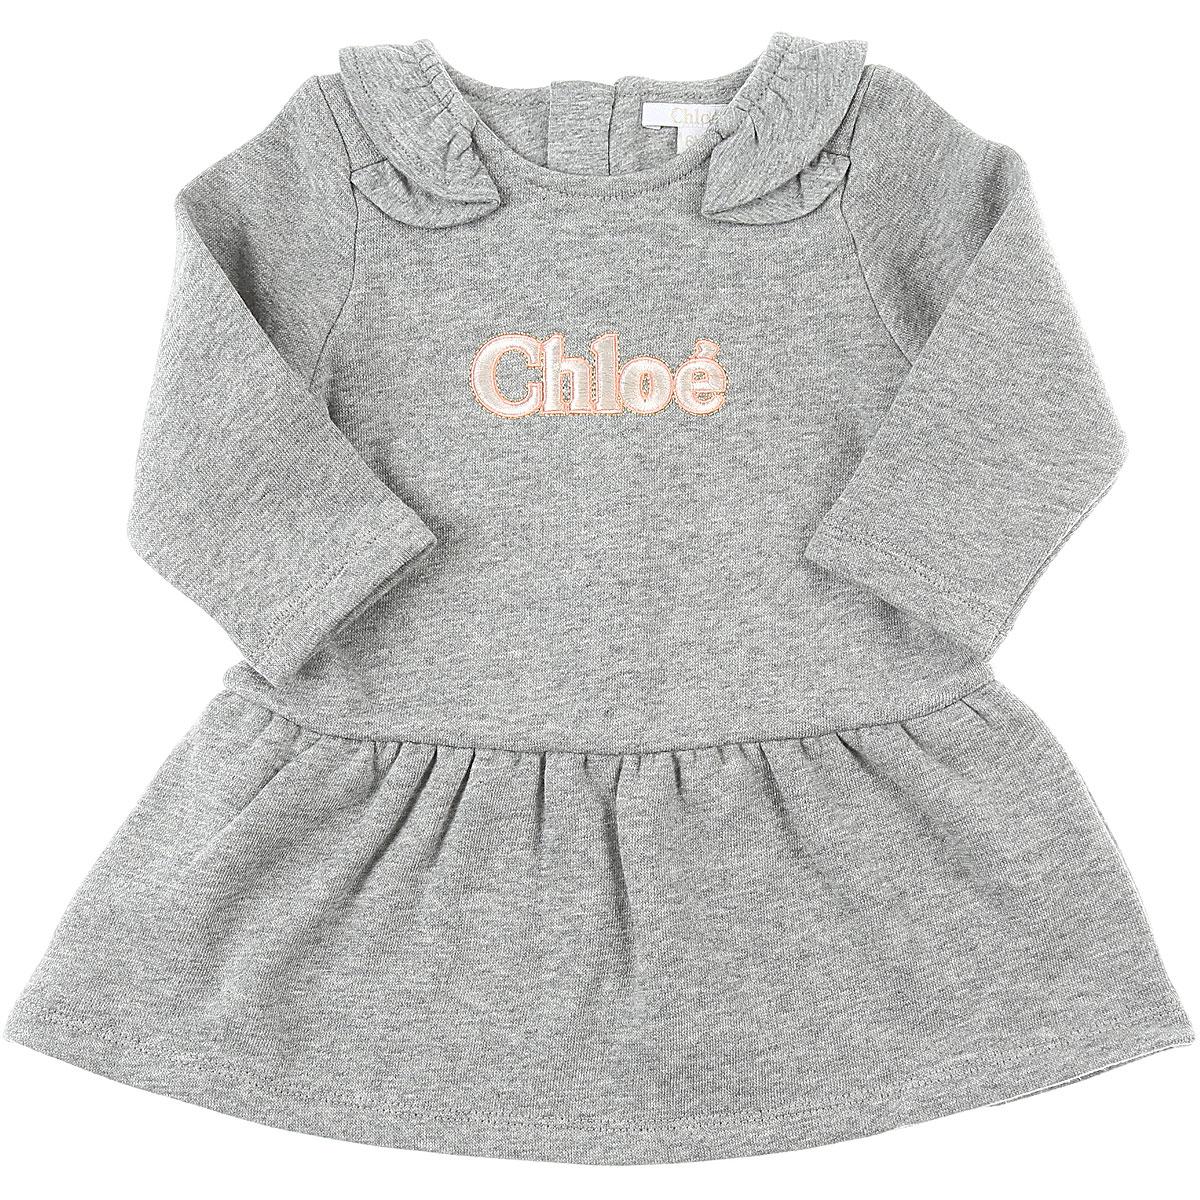 Chloe Baby Dress for Girls On Sale, Grey, Cotton, 2019, 12M 2Y 3Y 6M 9M